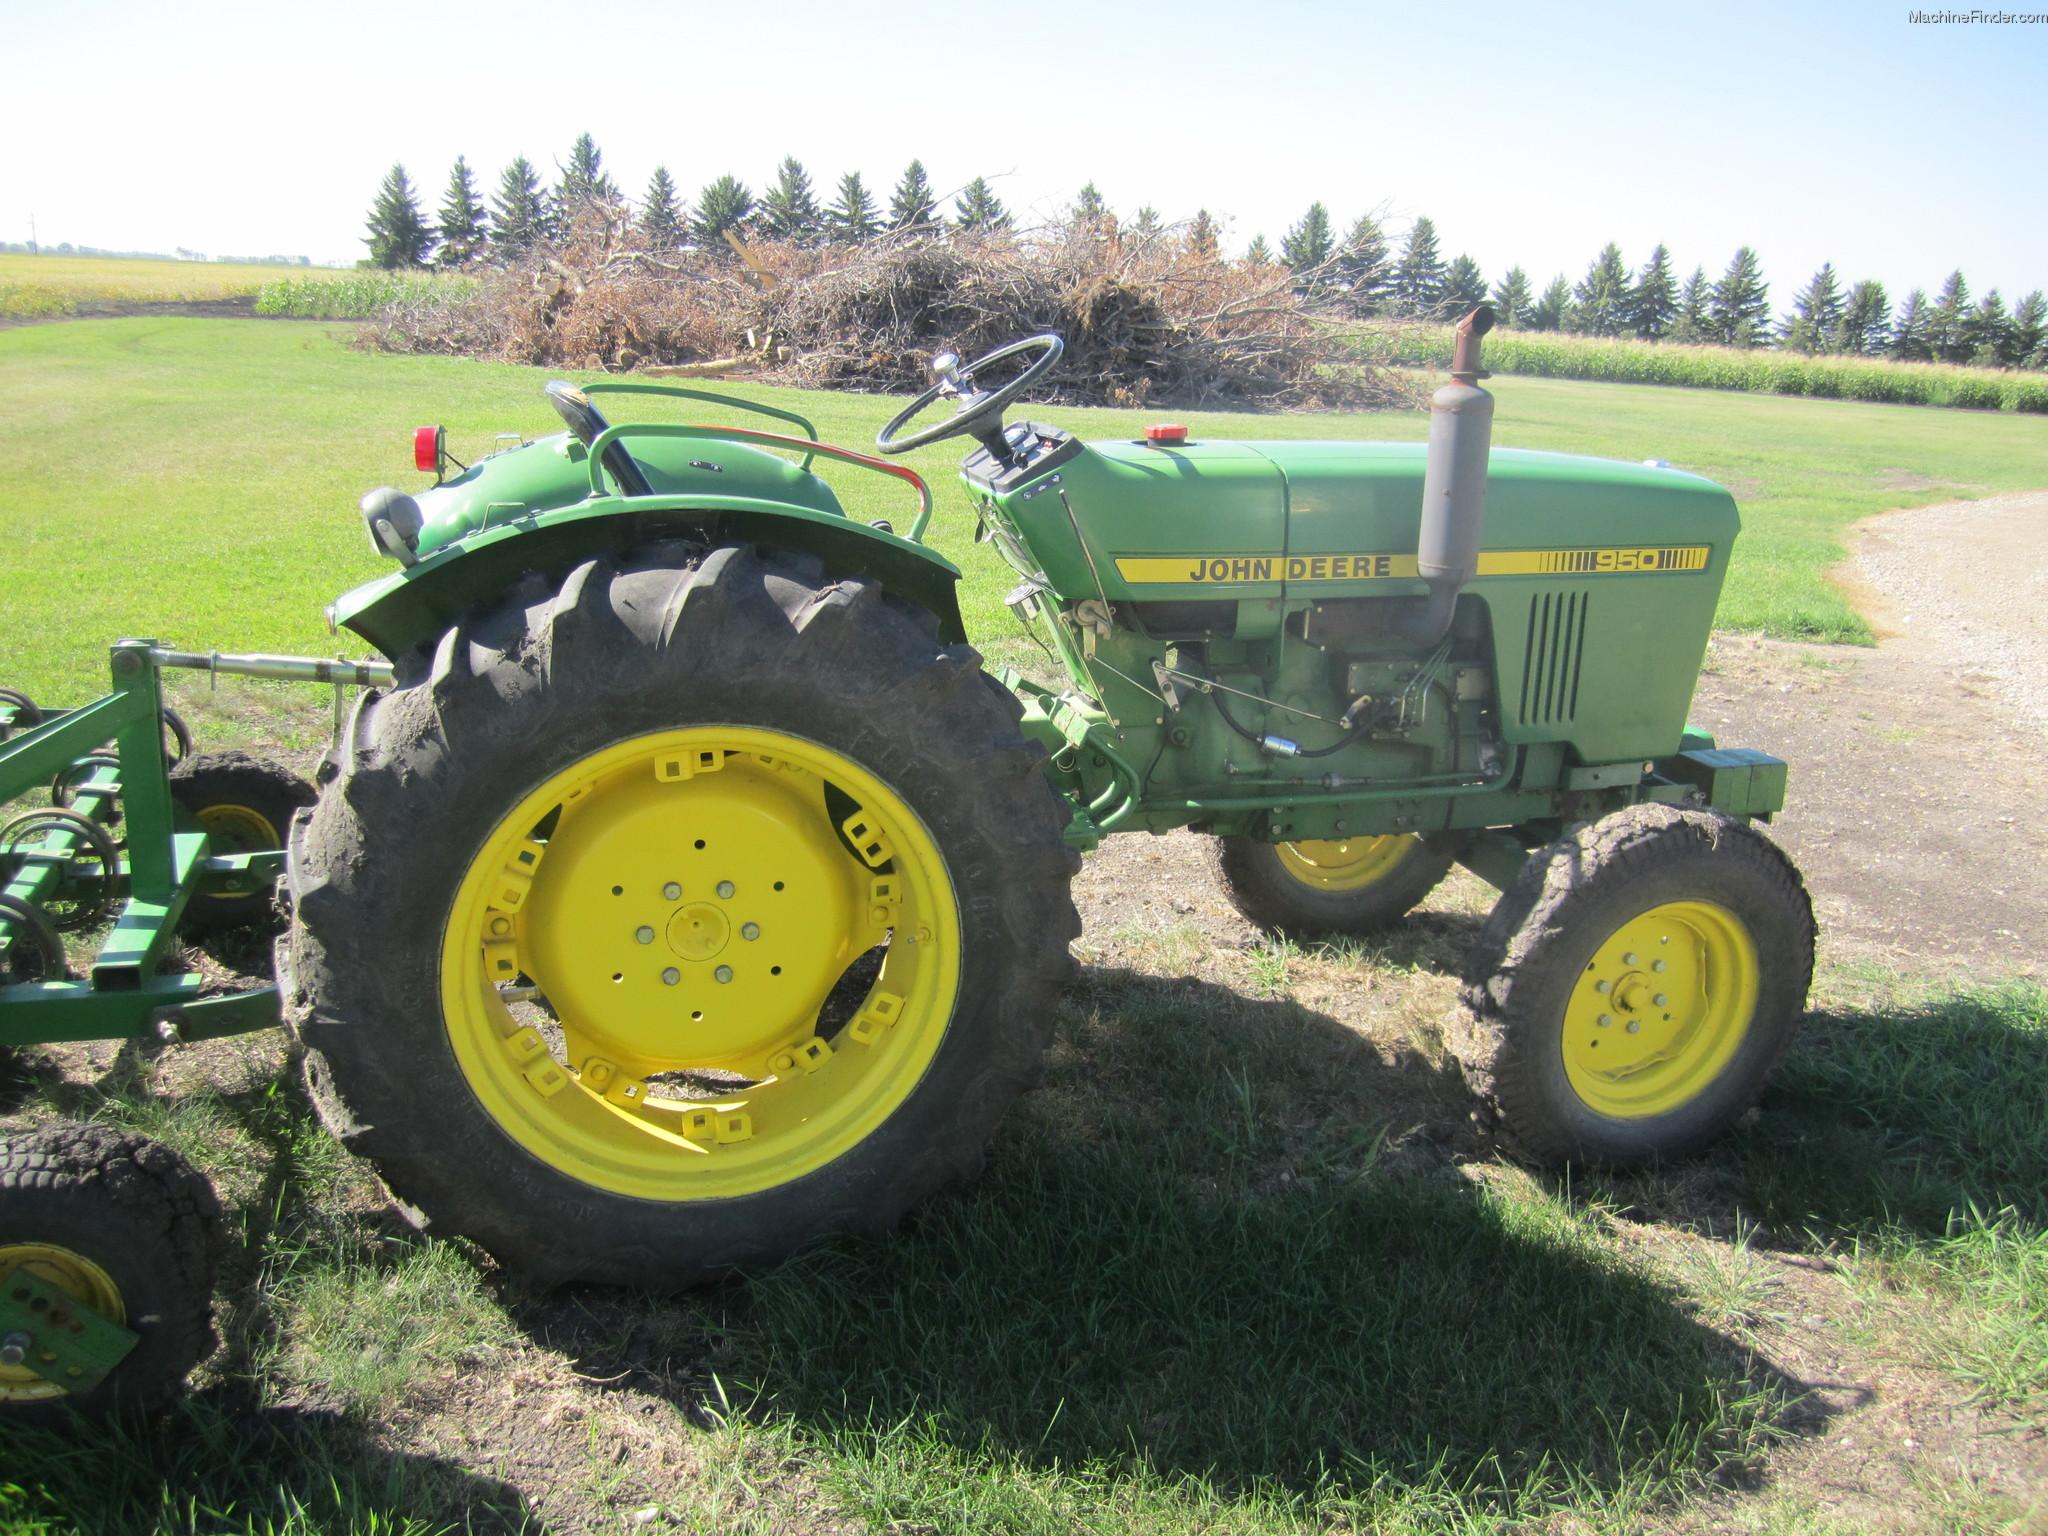 1979 John Deere 950 Tractors - Compact (1-40hp.) - John Deere ...